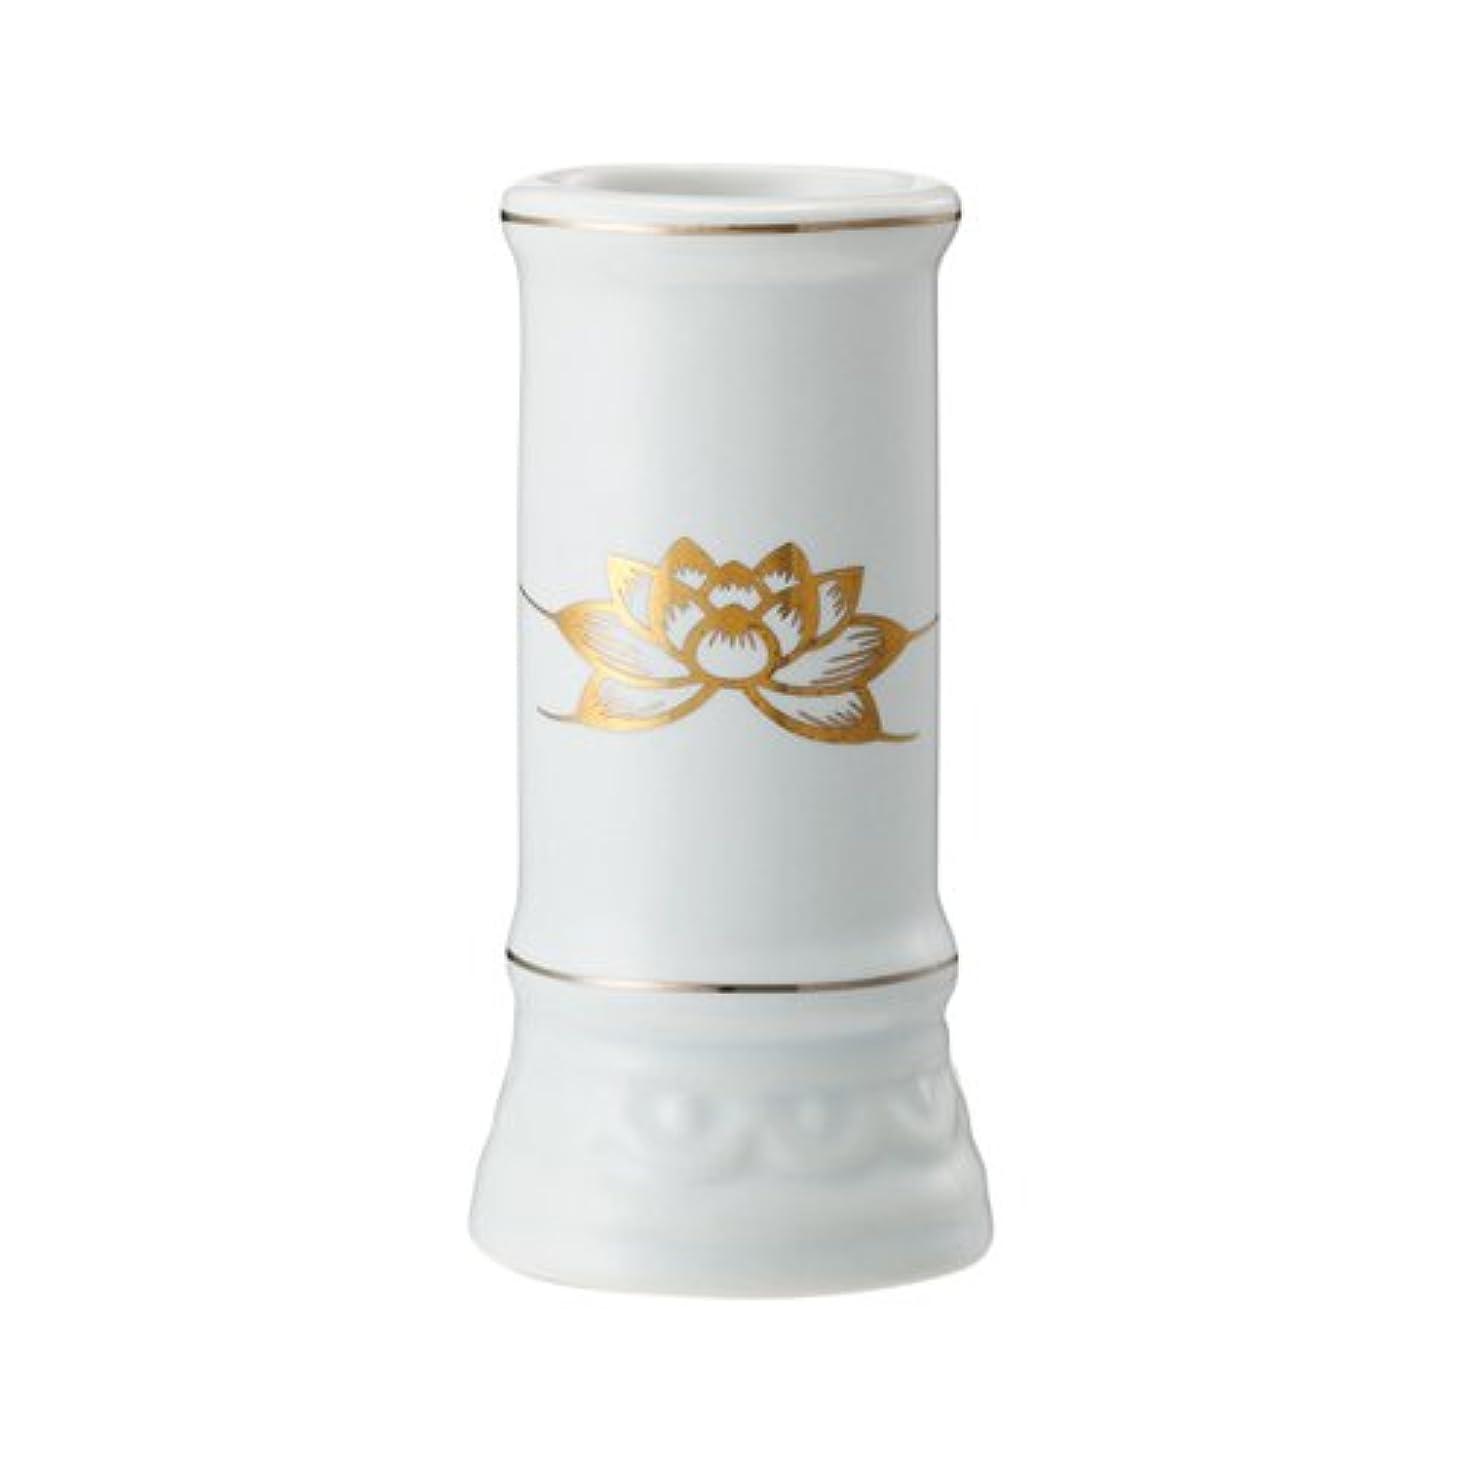 愚かな寛解インターネット日本香堂 線香立て ミニ陶器白磁